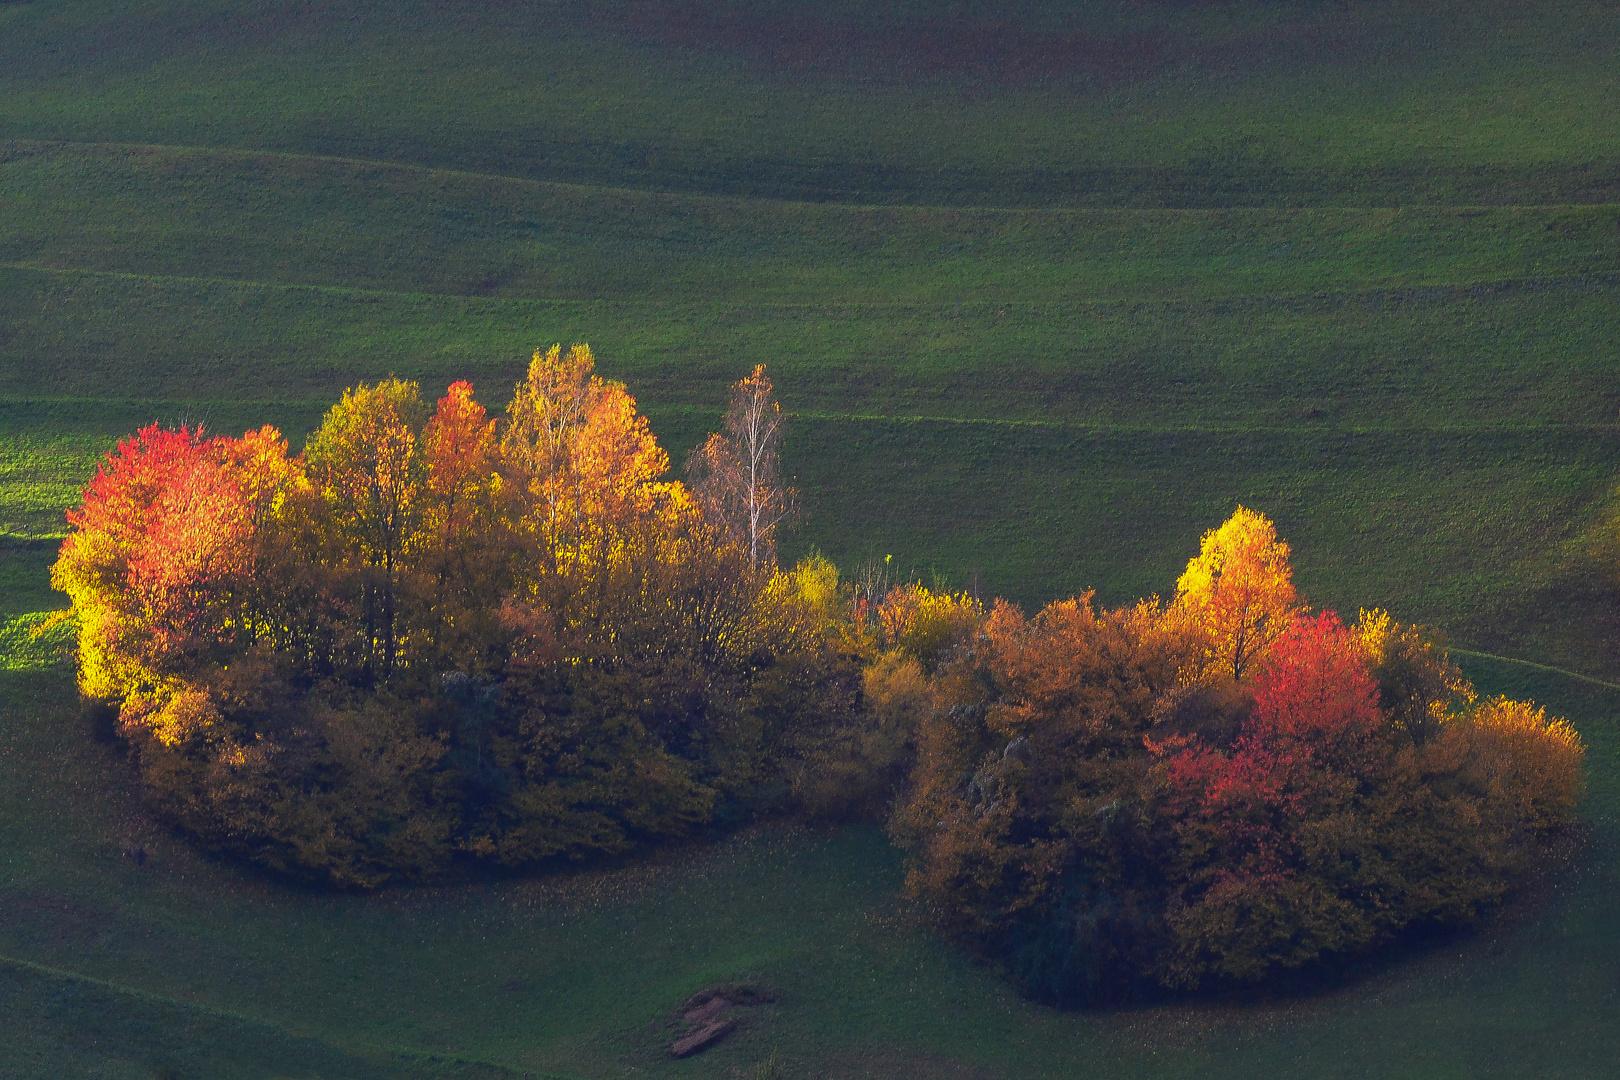 Farbeninseln im Abendlicht